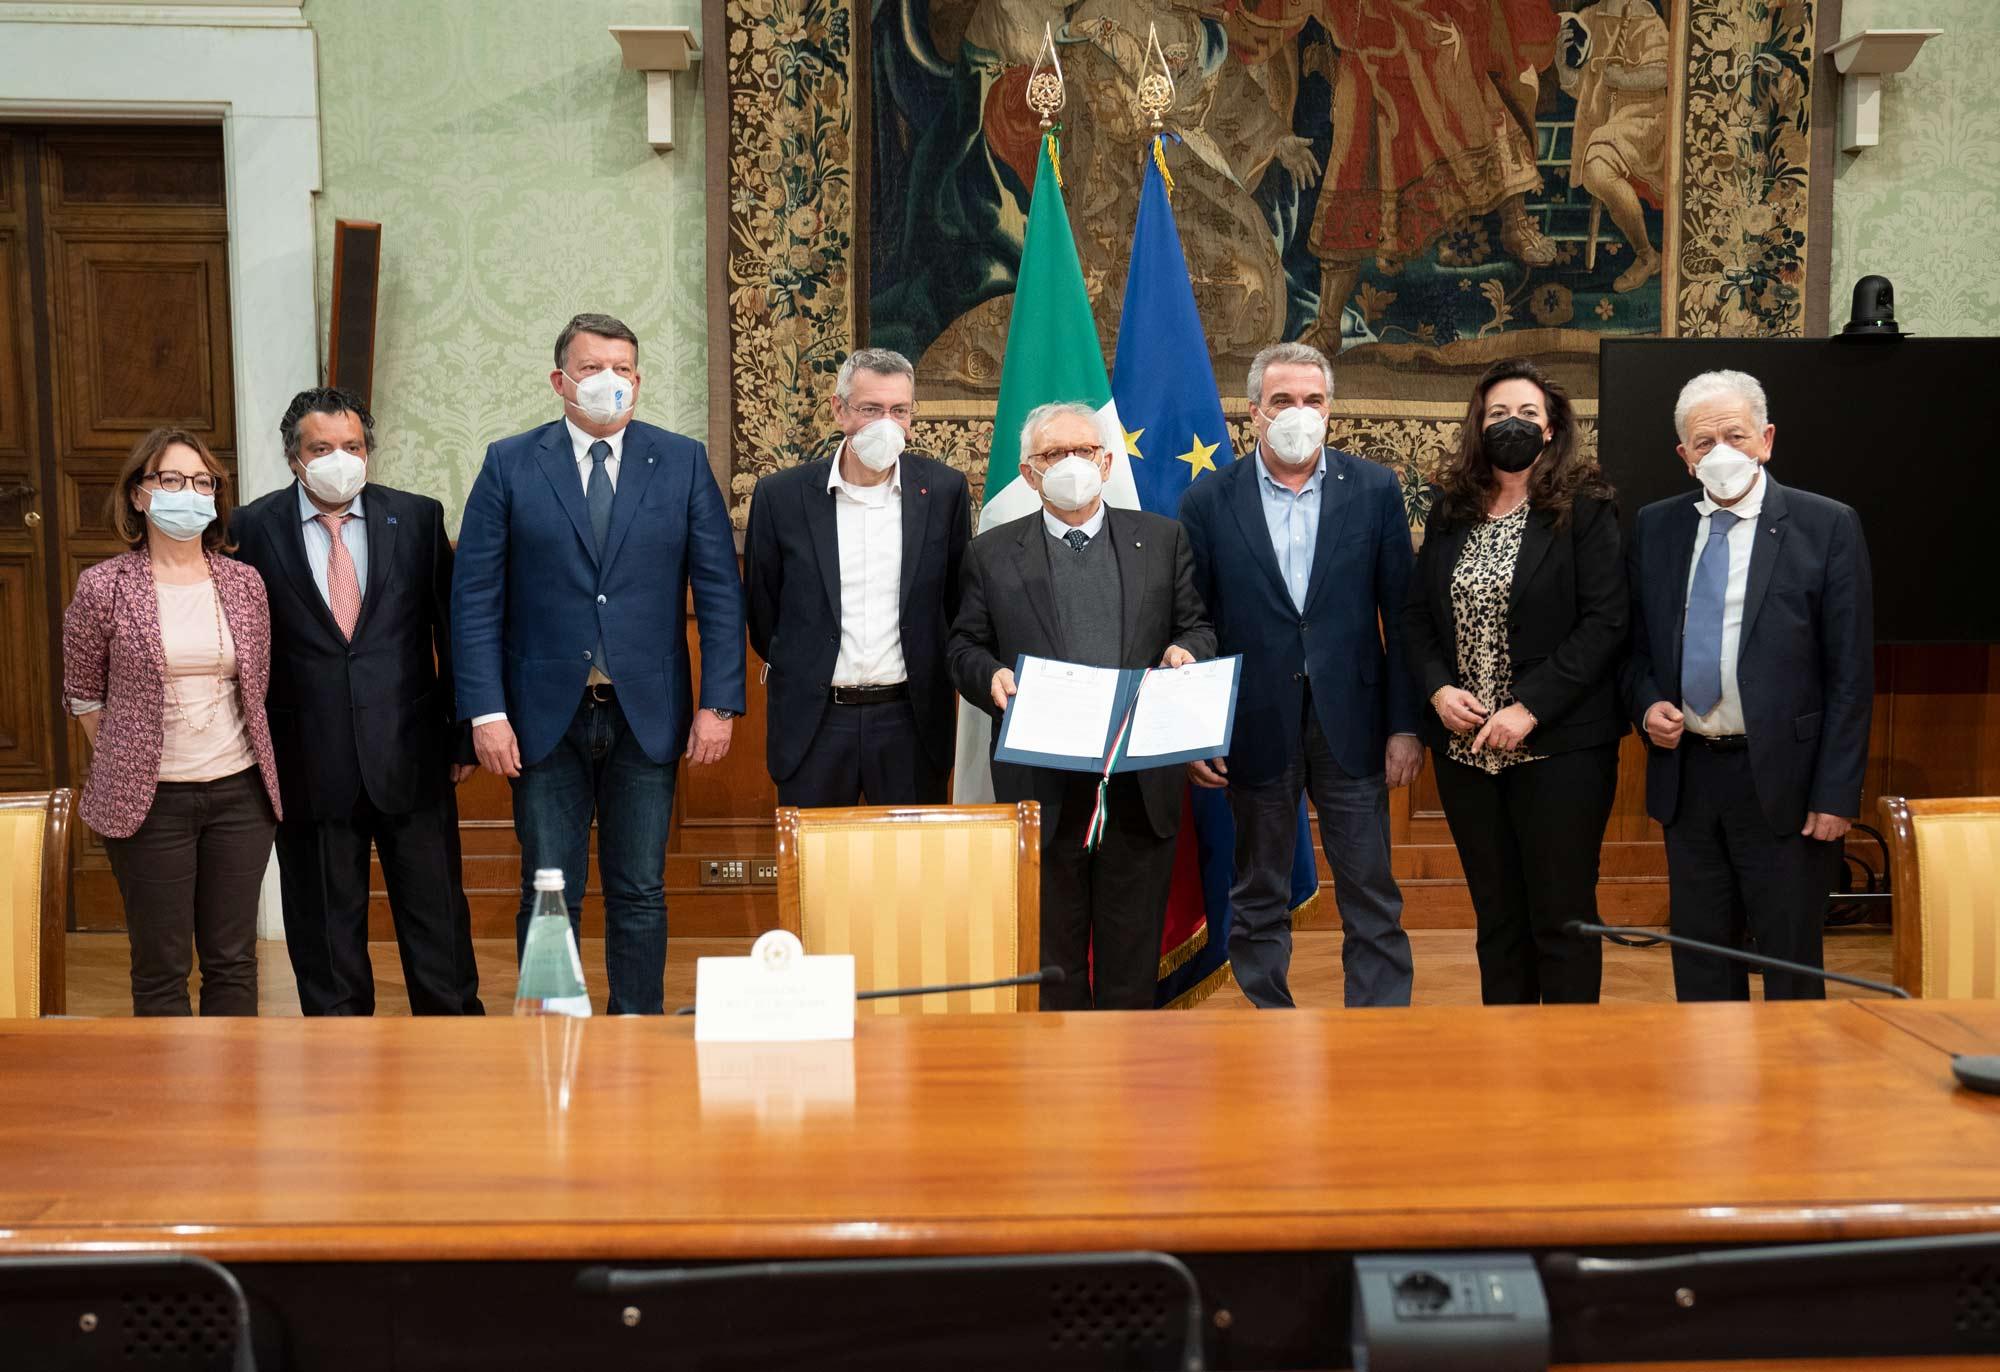 """Copertina dell'articolo: Firmato a Palazzo Chigi il """"Patto per la scuola al centro del Paese"""""""